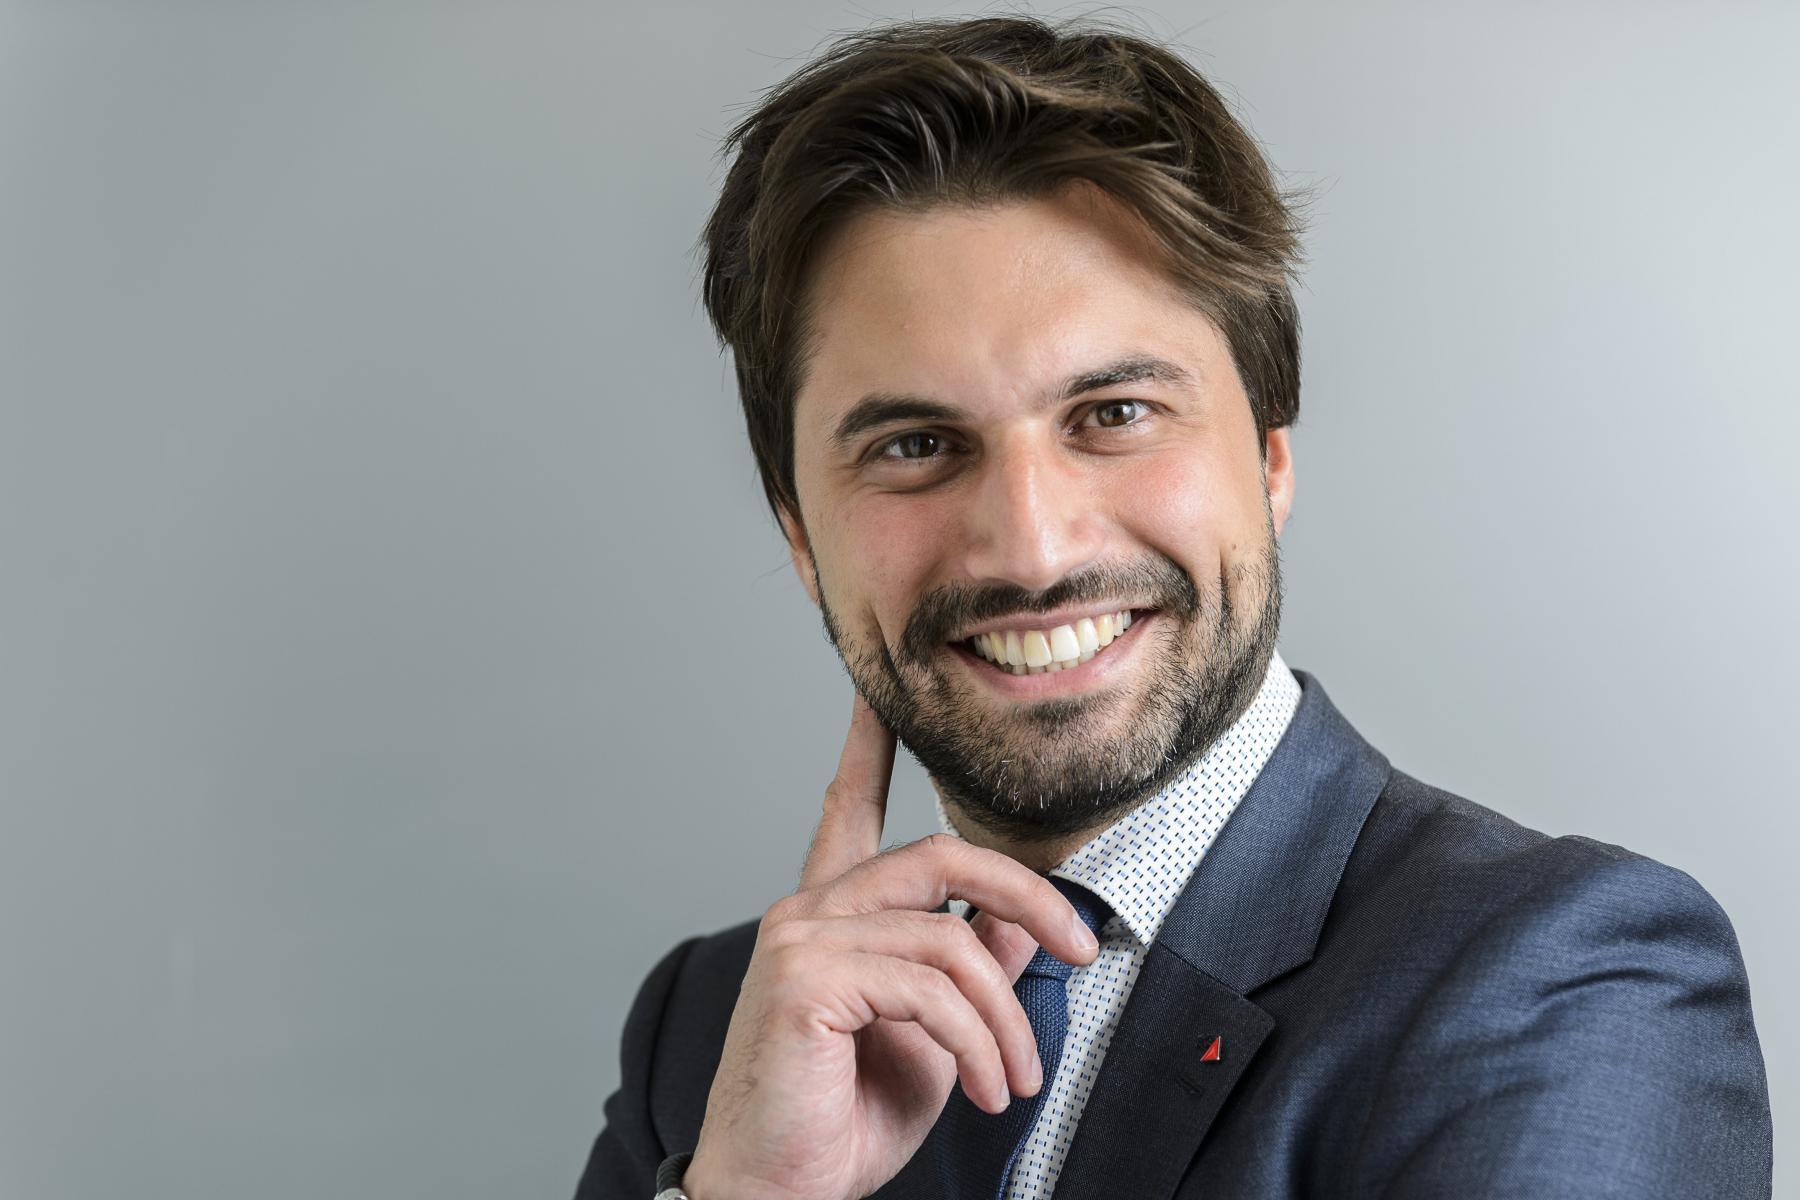 George-Louis Bouchez